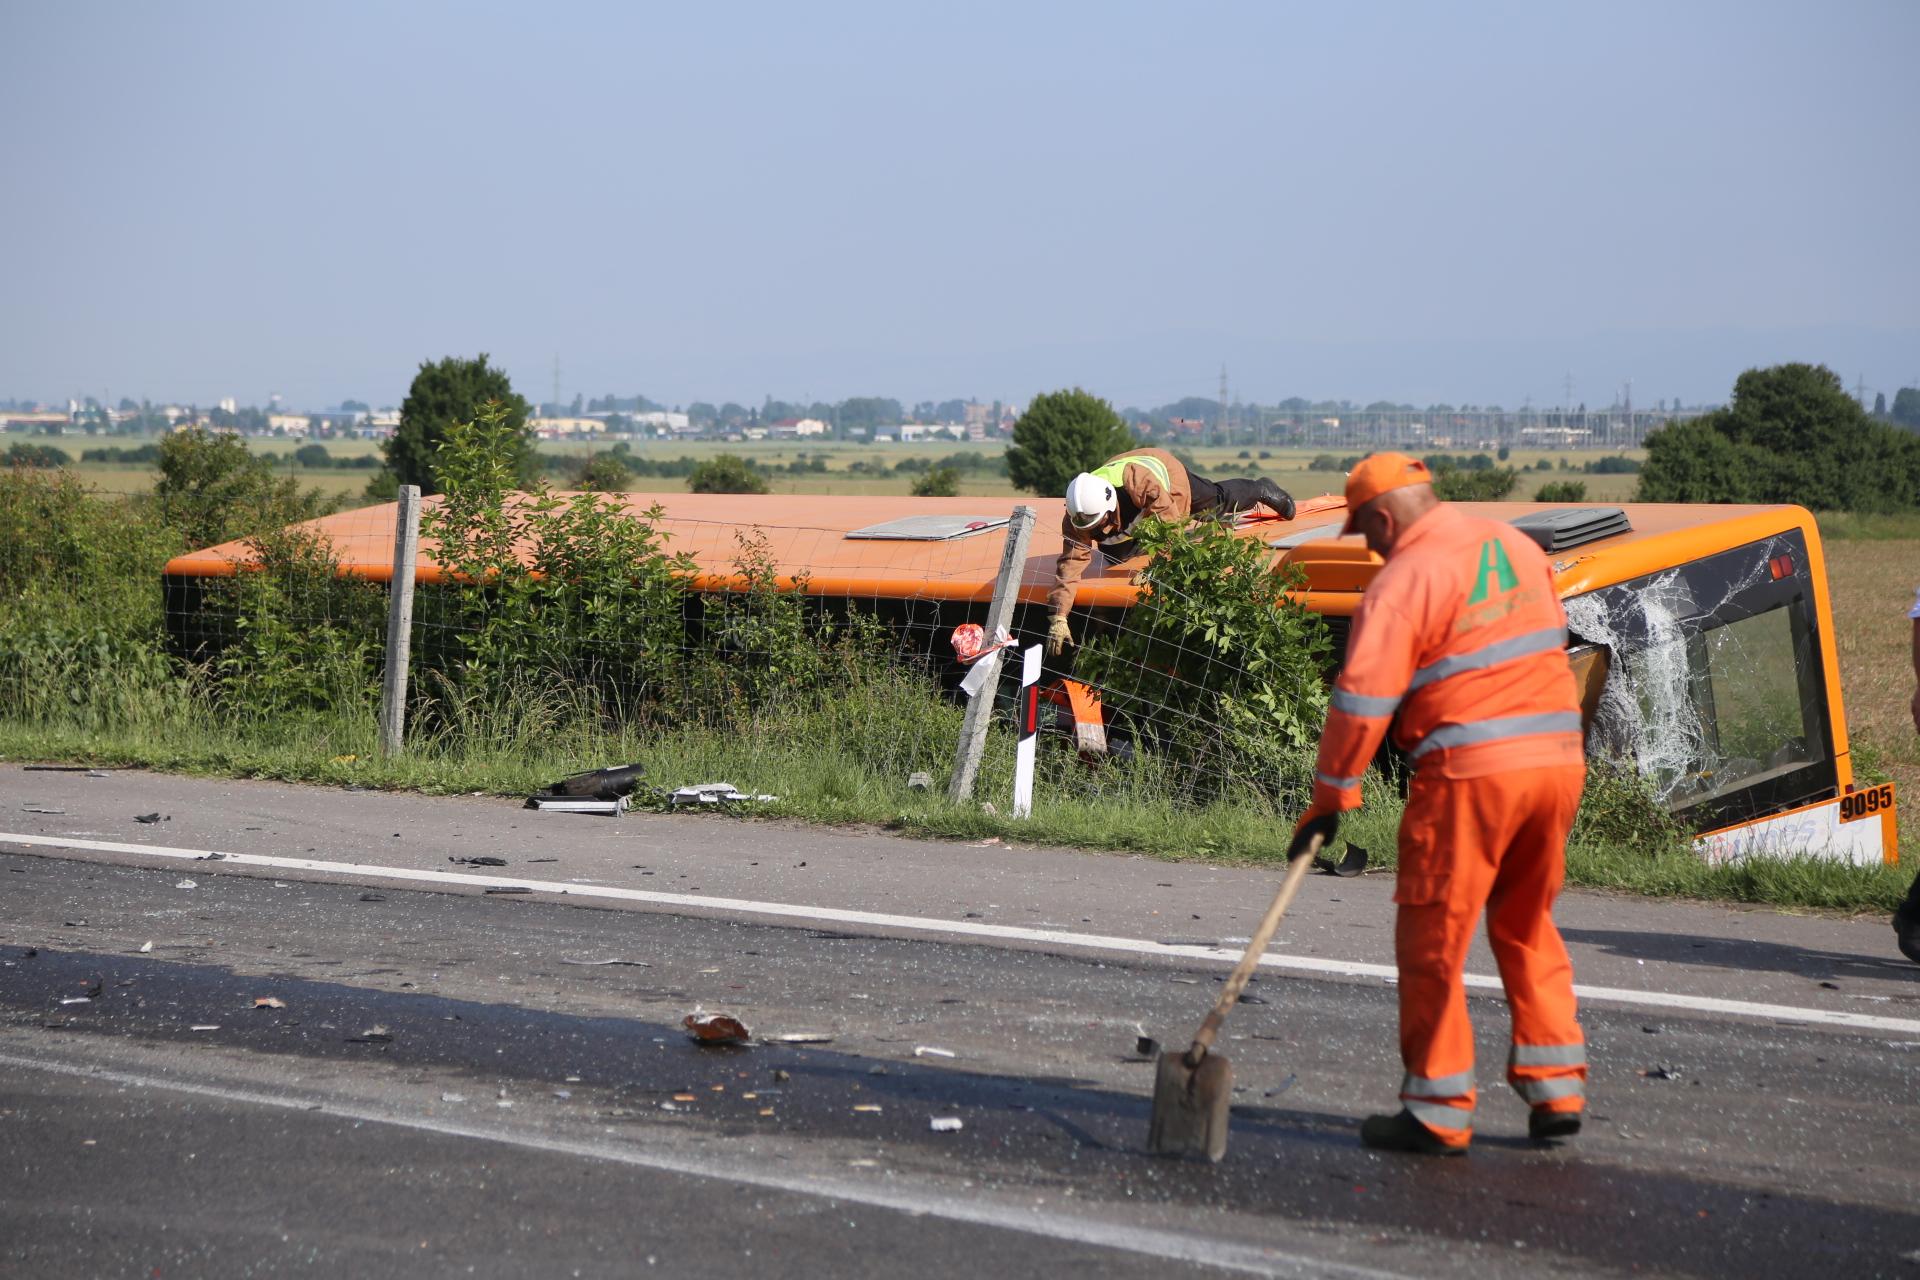 """ТИР блъсна автобус, движещ се по линията Лозен-София на автомагистрала """"Тракия"""", 7 души са настанени в болница, от които двама са с по-тежки наранявания."""